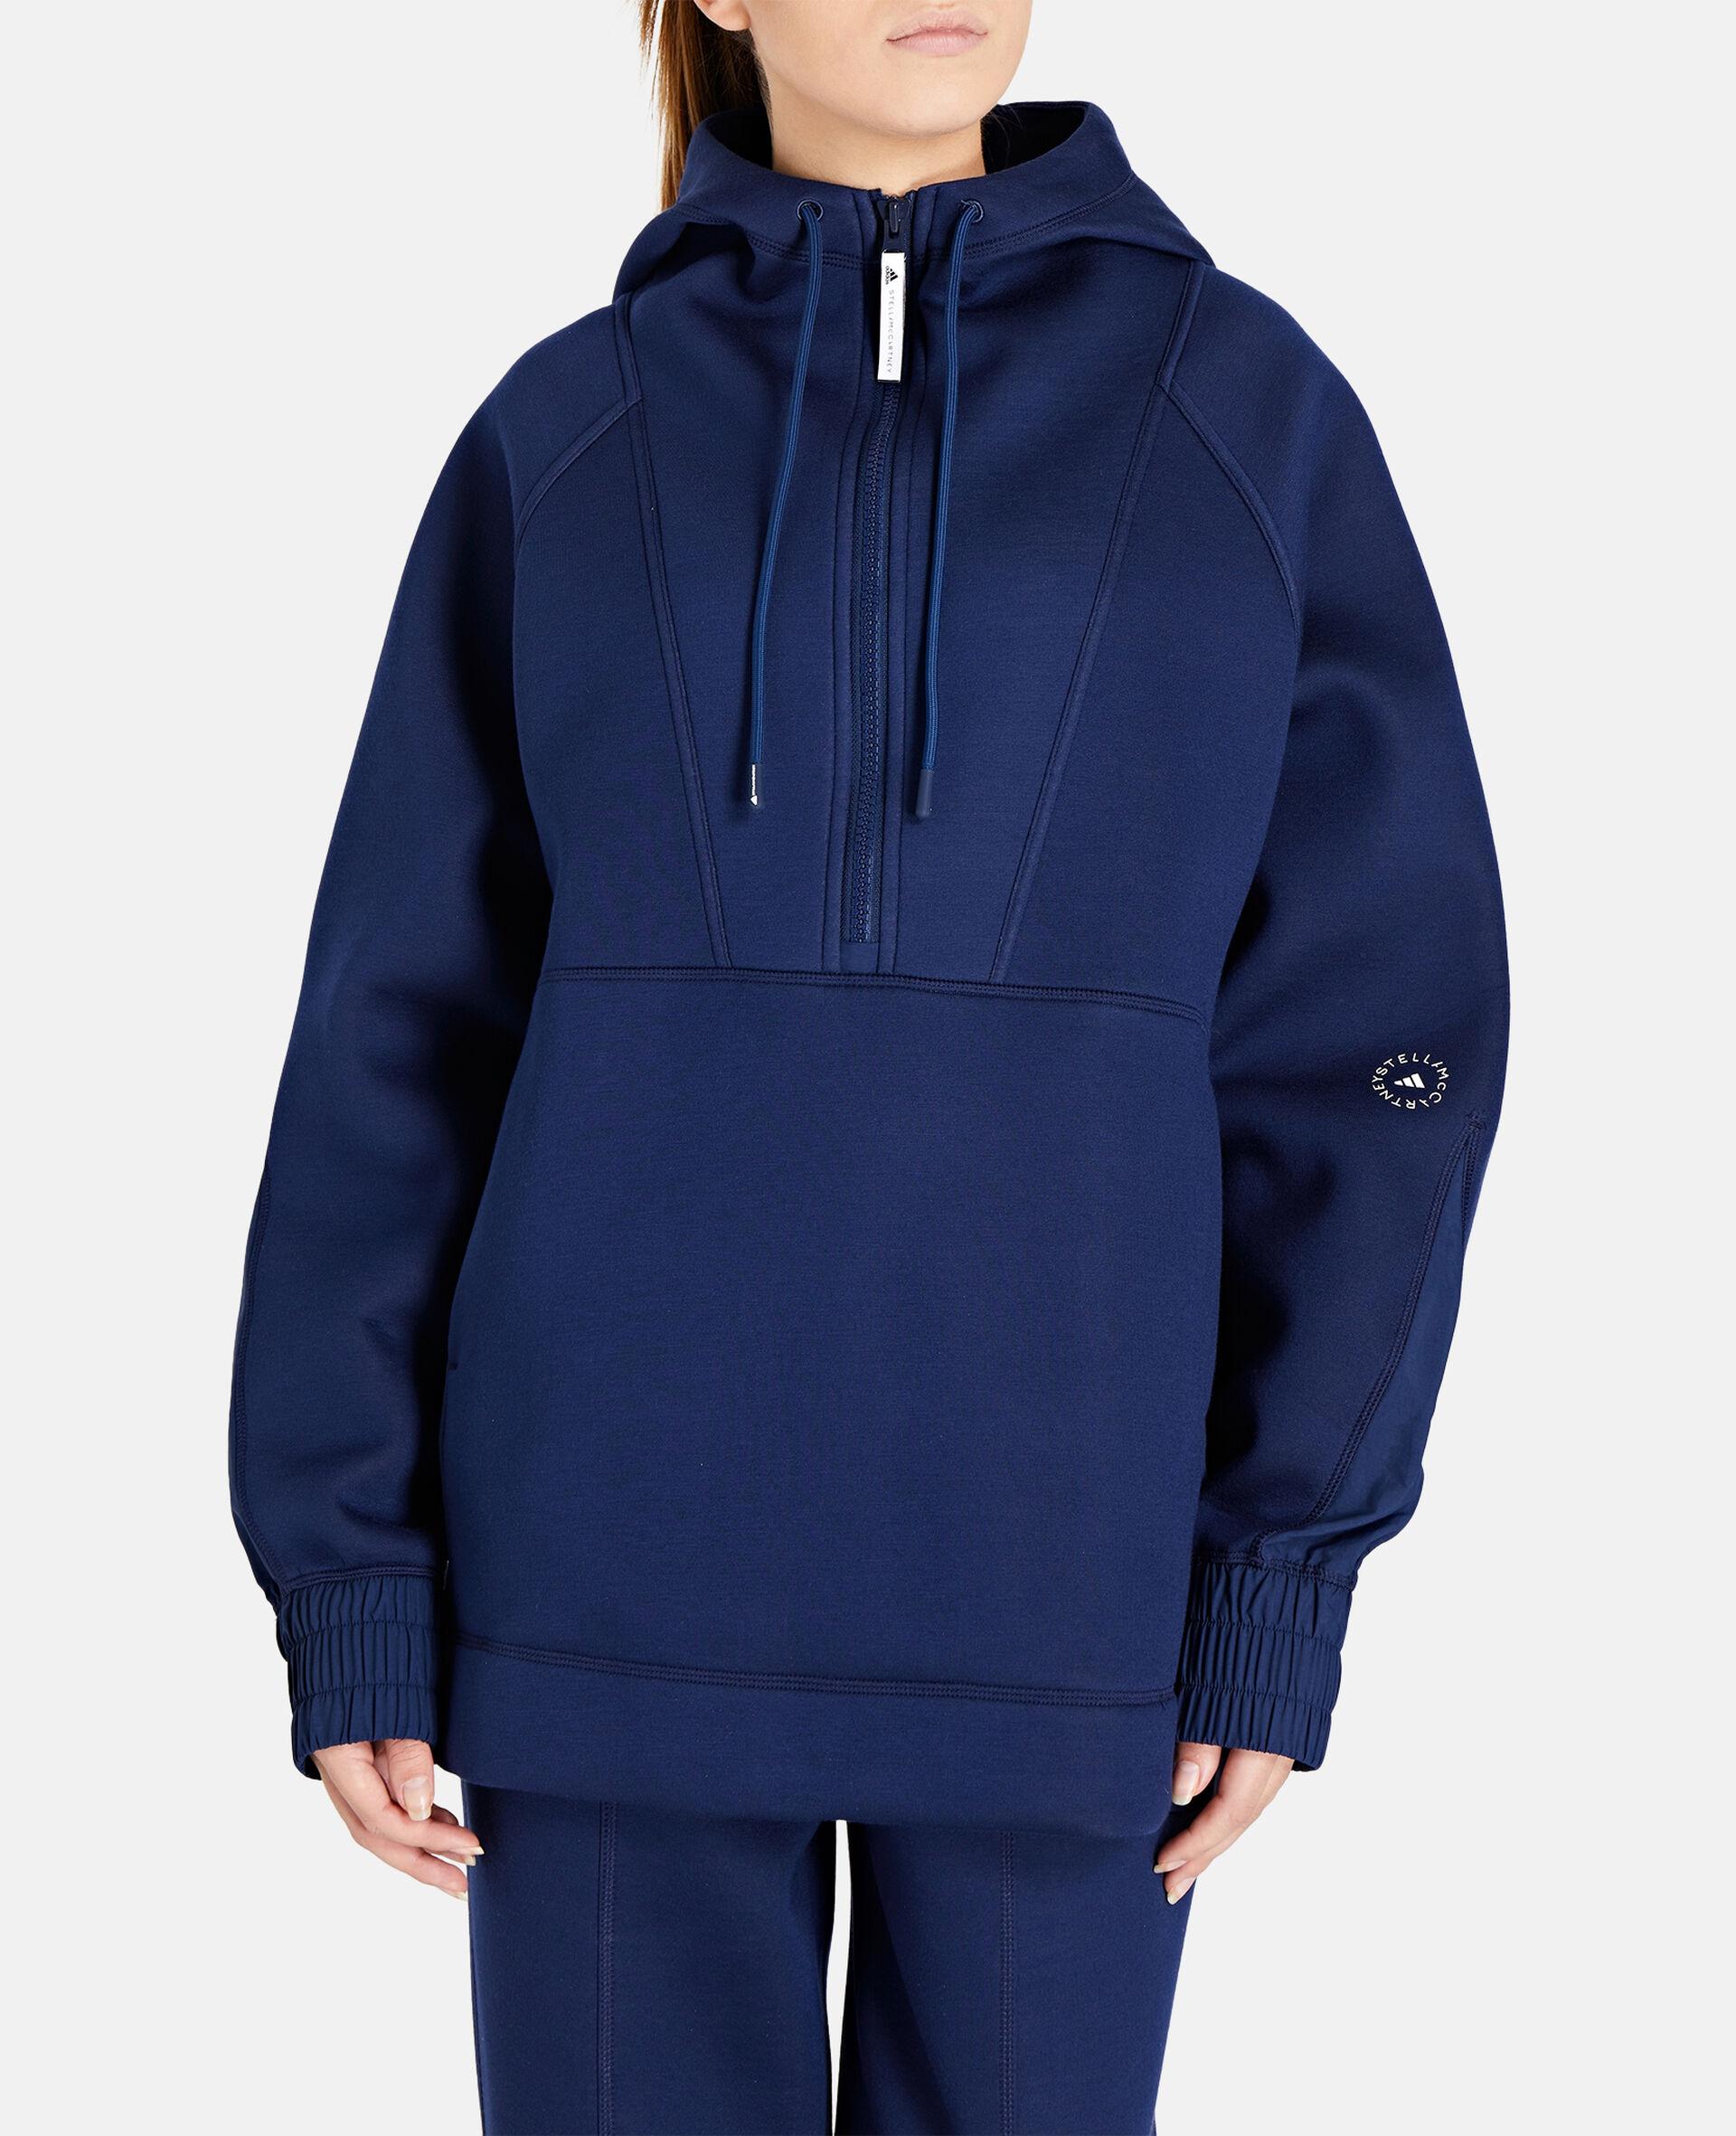 Blue Half-zip Hoodie-Blue-large image number 4